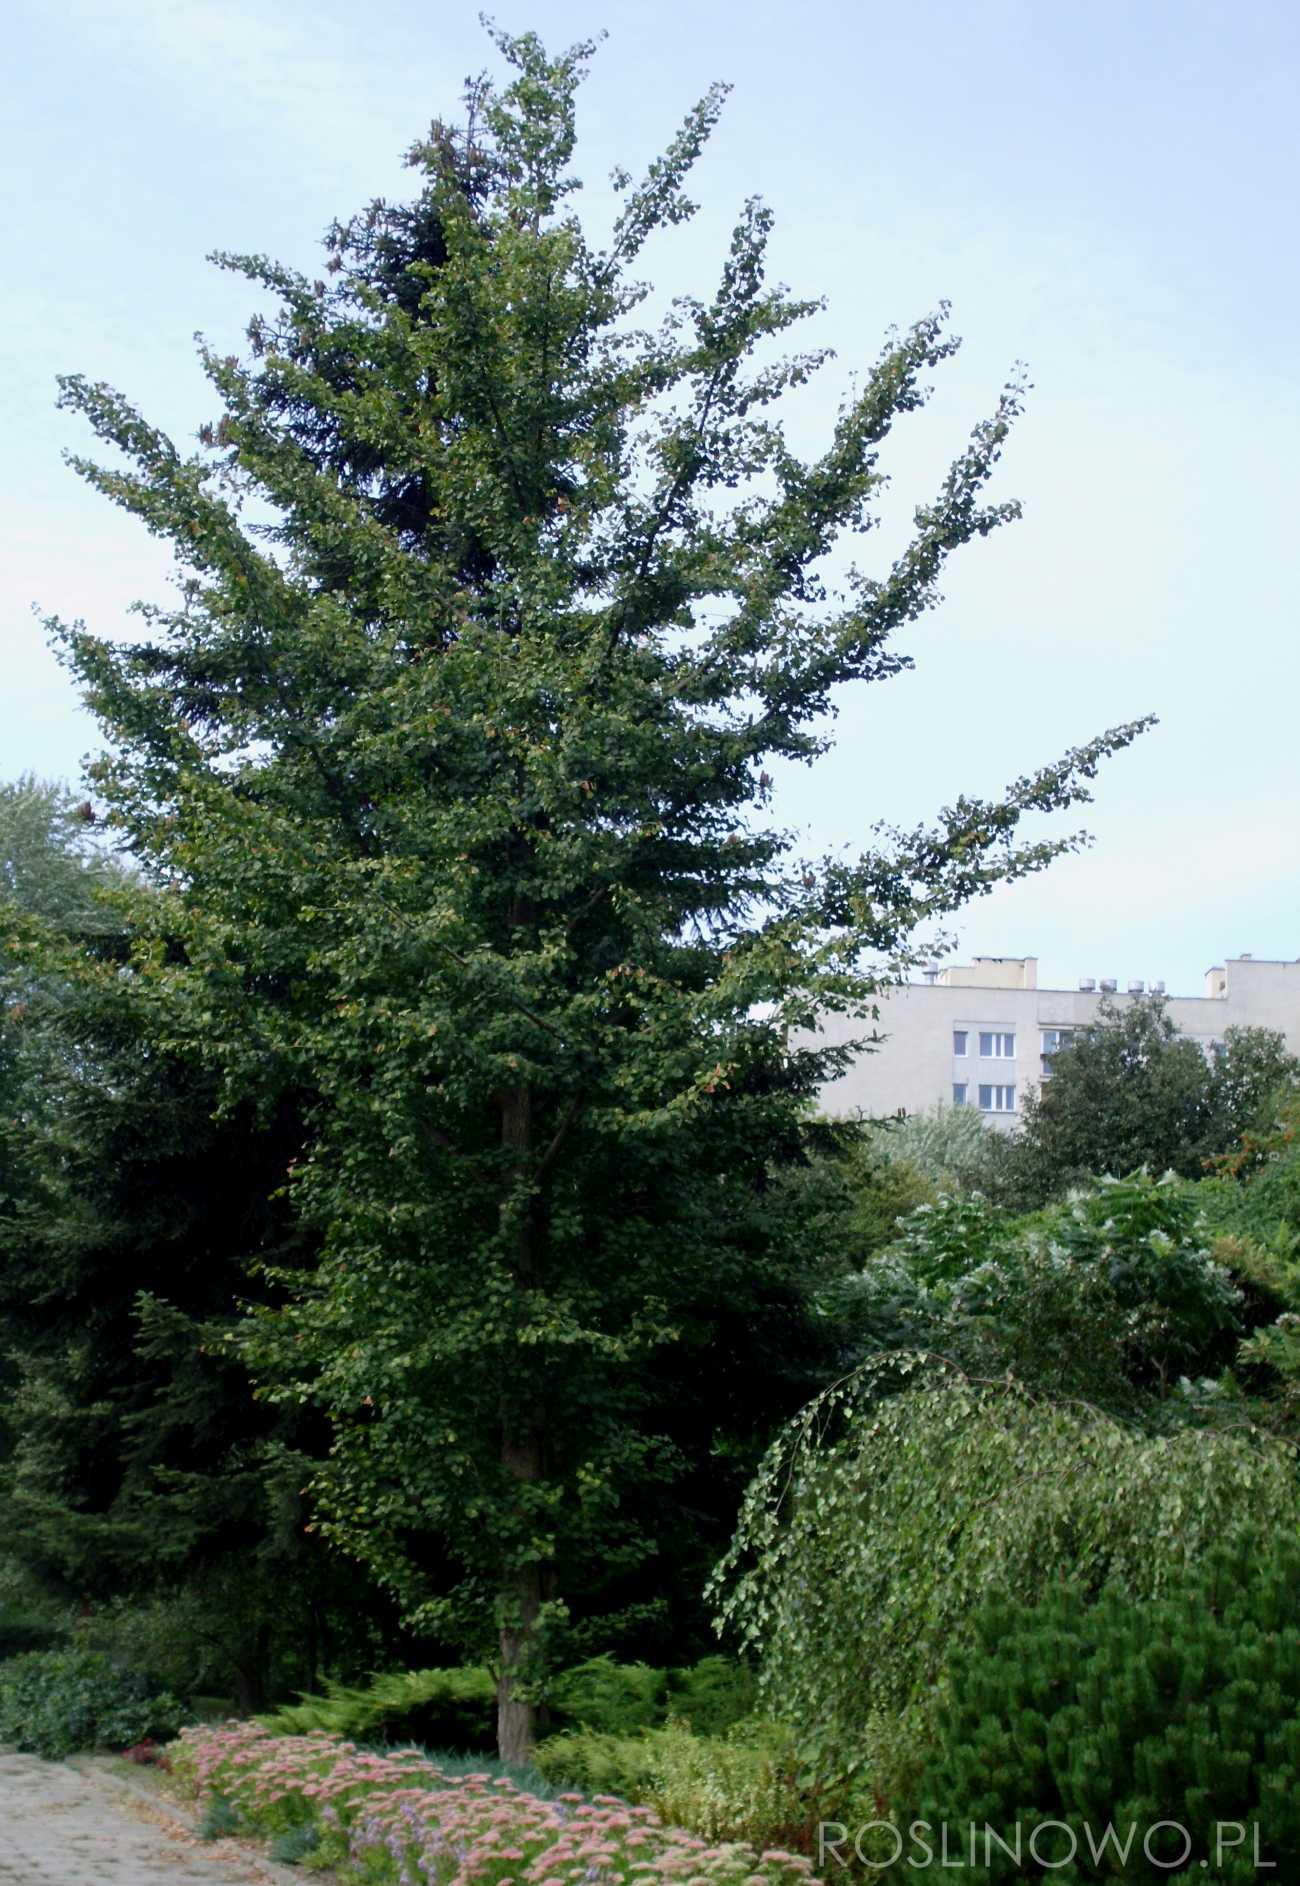 miłorząb japoński - wysokie drzewo o wachlarzowatych liściach